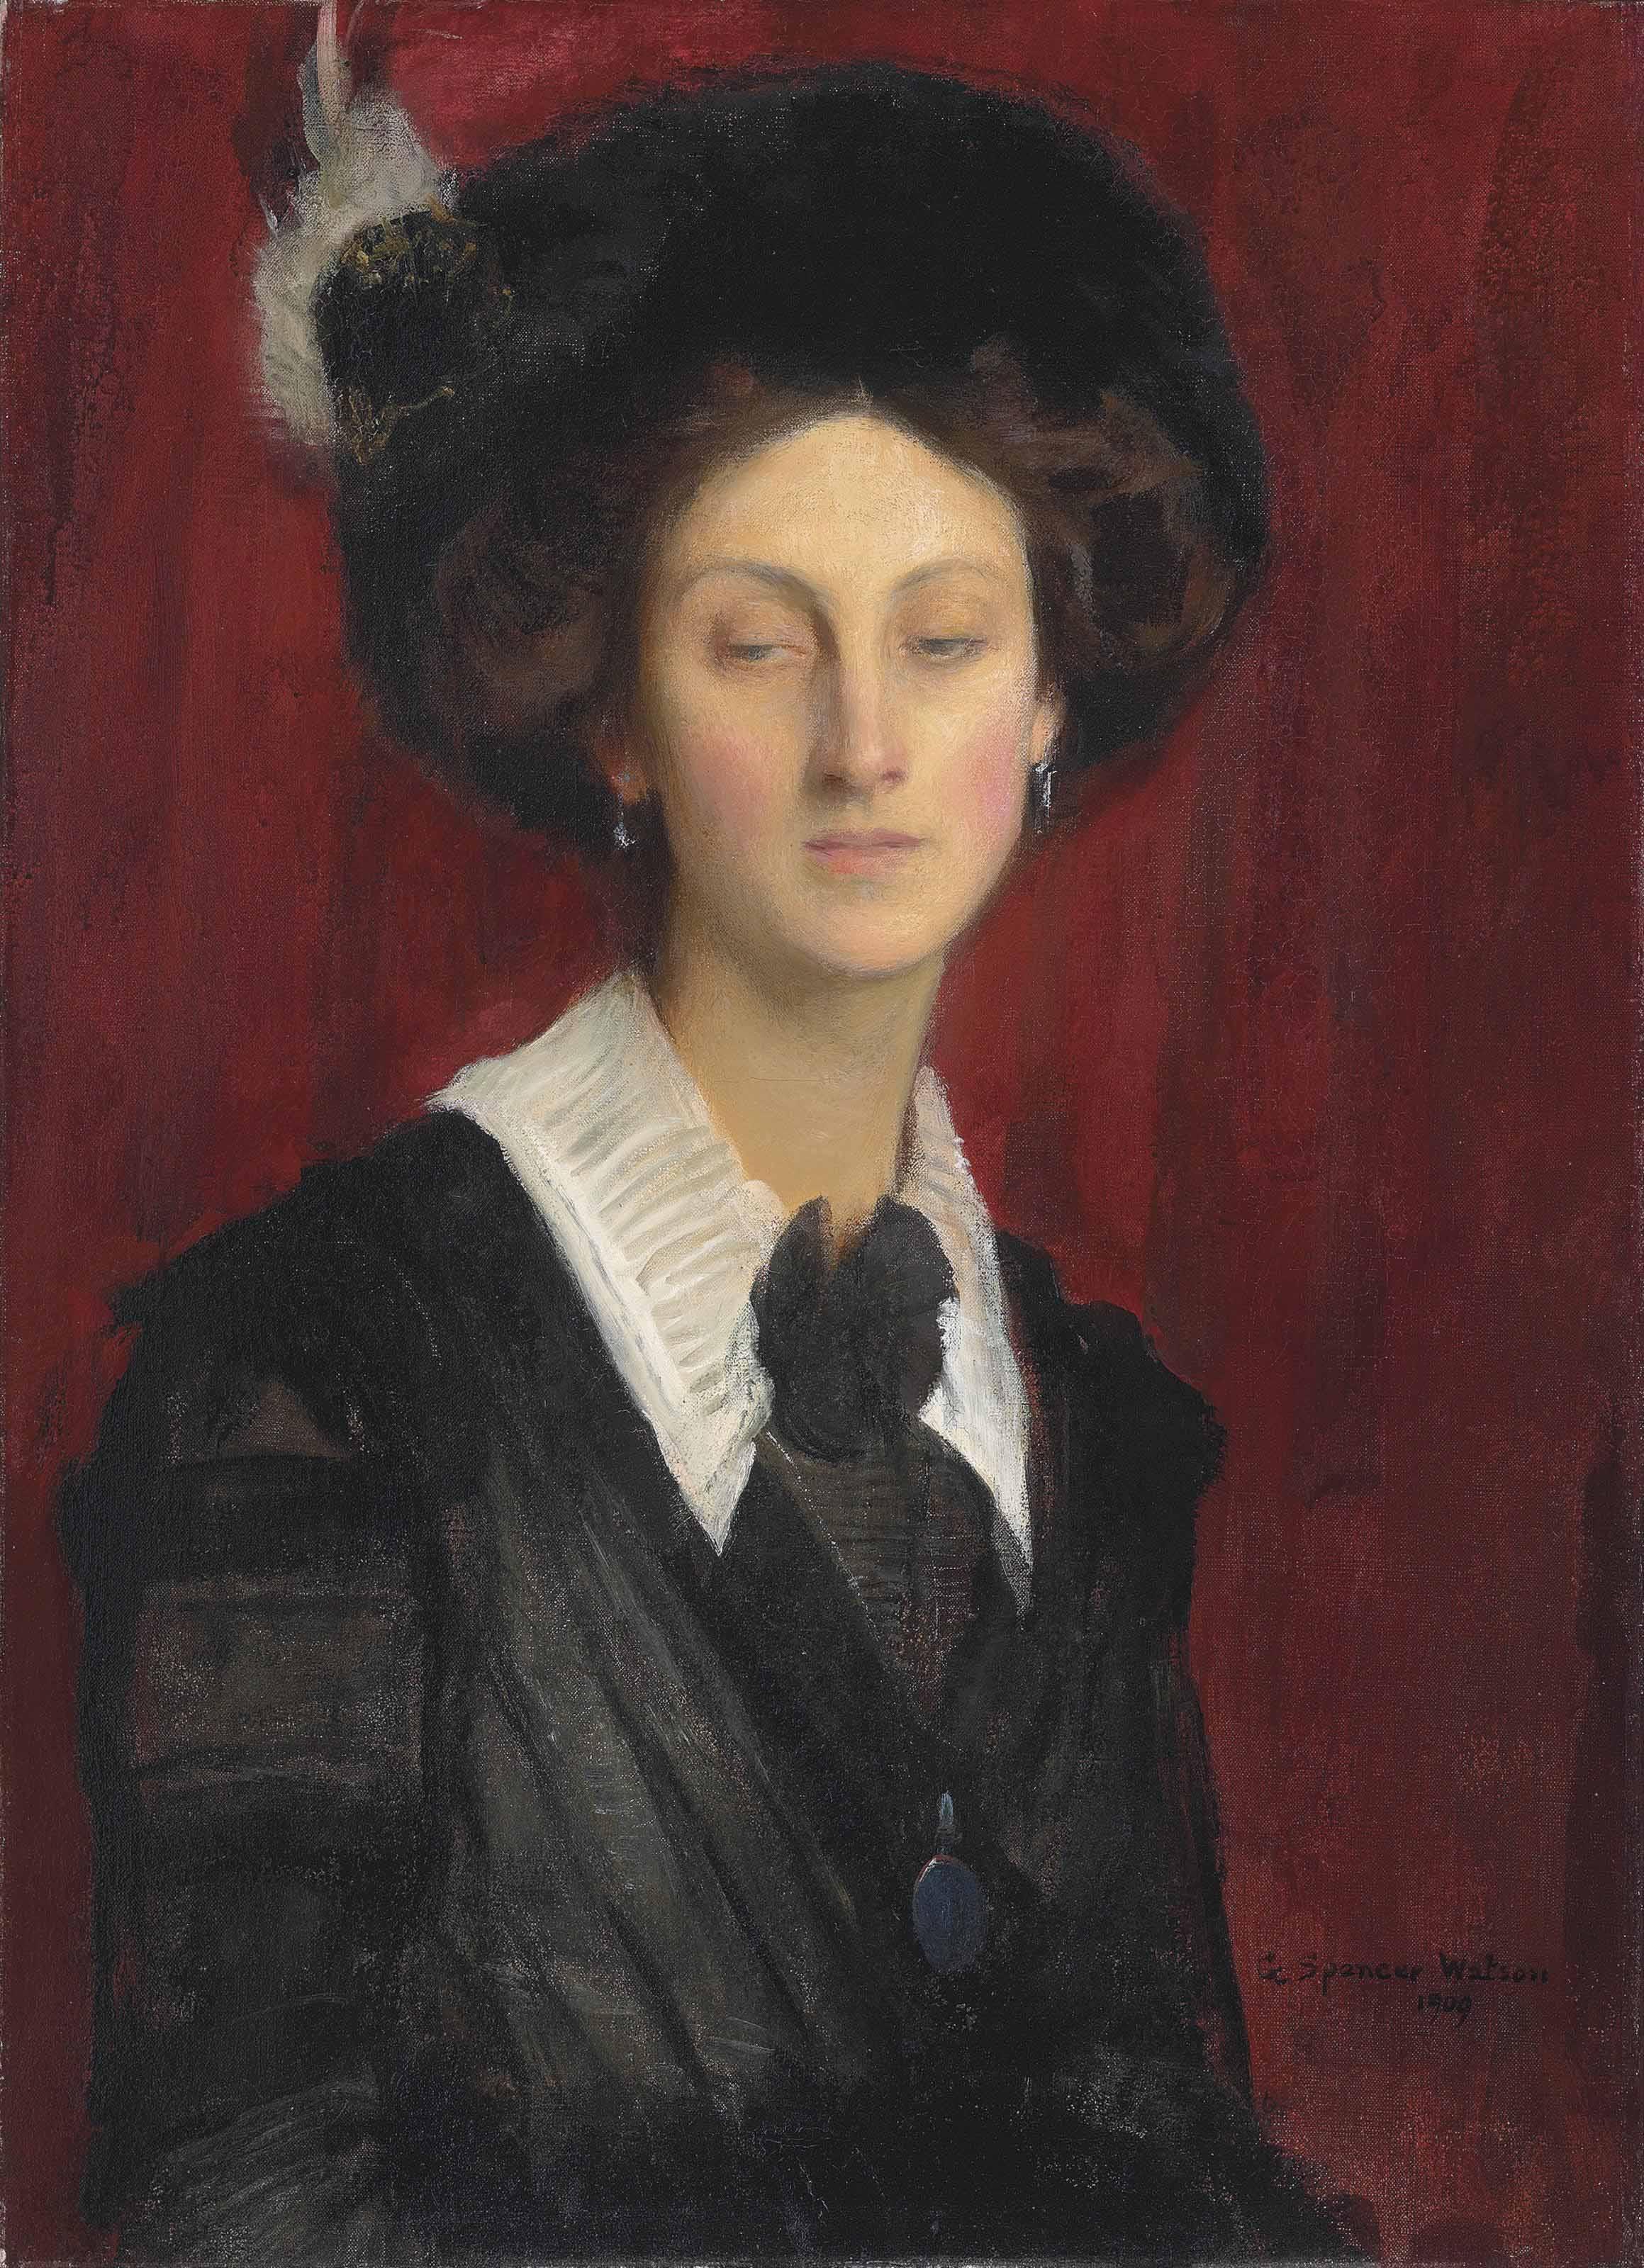 Hilda in a black hat